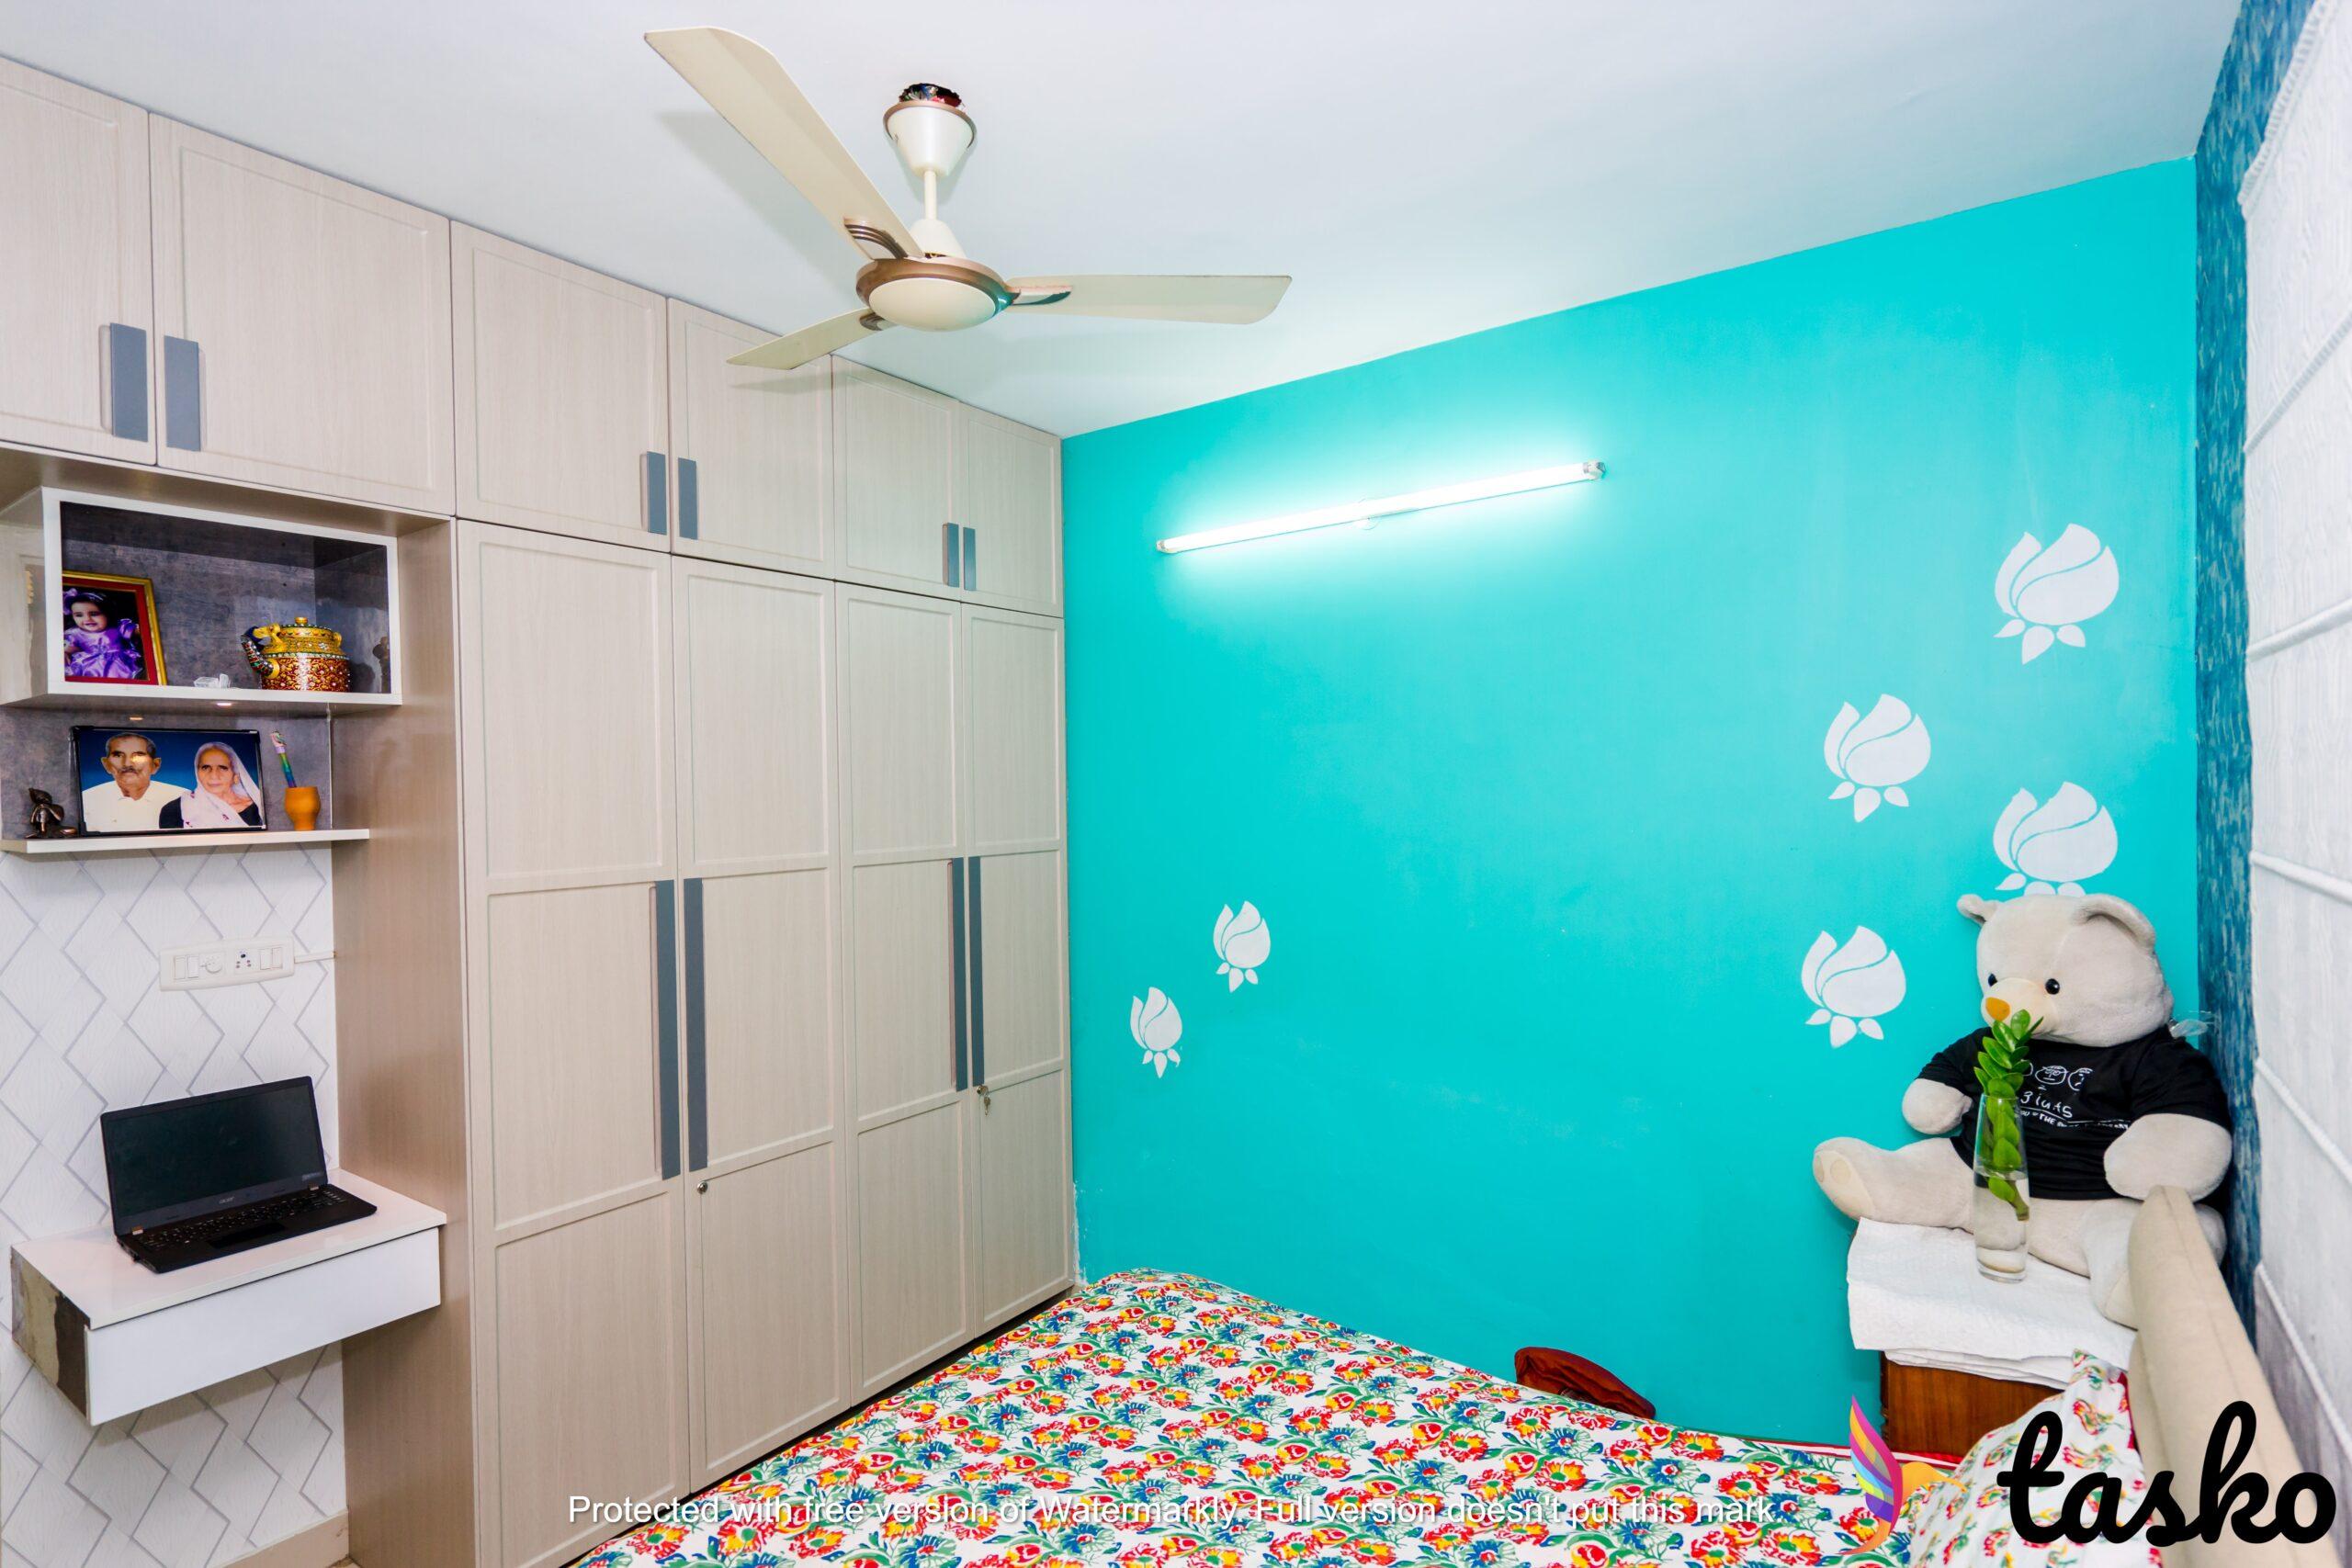 Kids Room in Pbel City, hyderabad